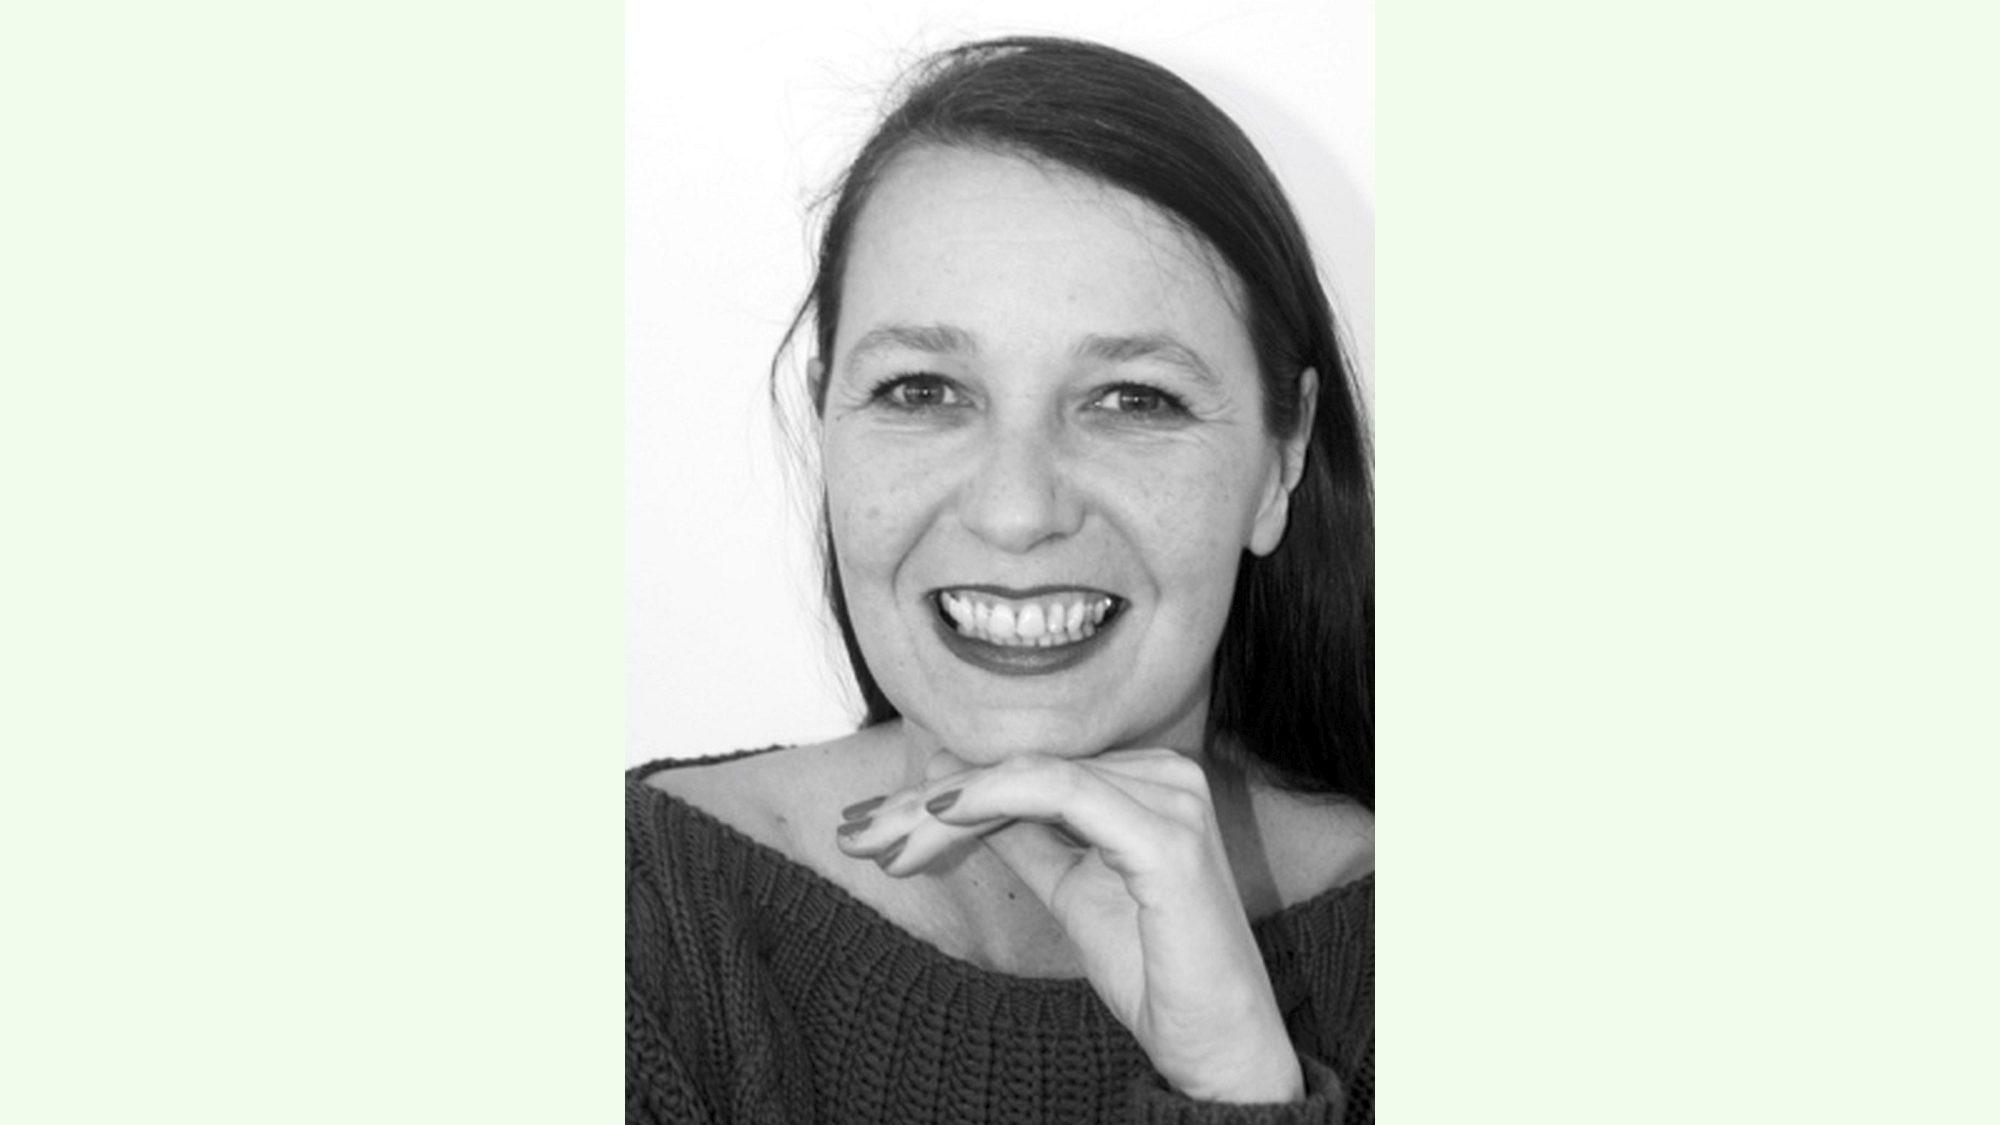 Be van Vark, Bertolt Brecht Gastprofessorin der Stadt Leipzig am CCT im Wintersemester 2020/21.<br>(c) Be van Vark